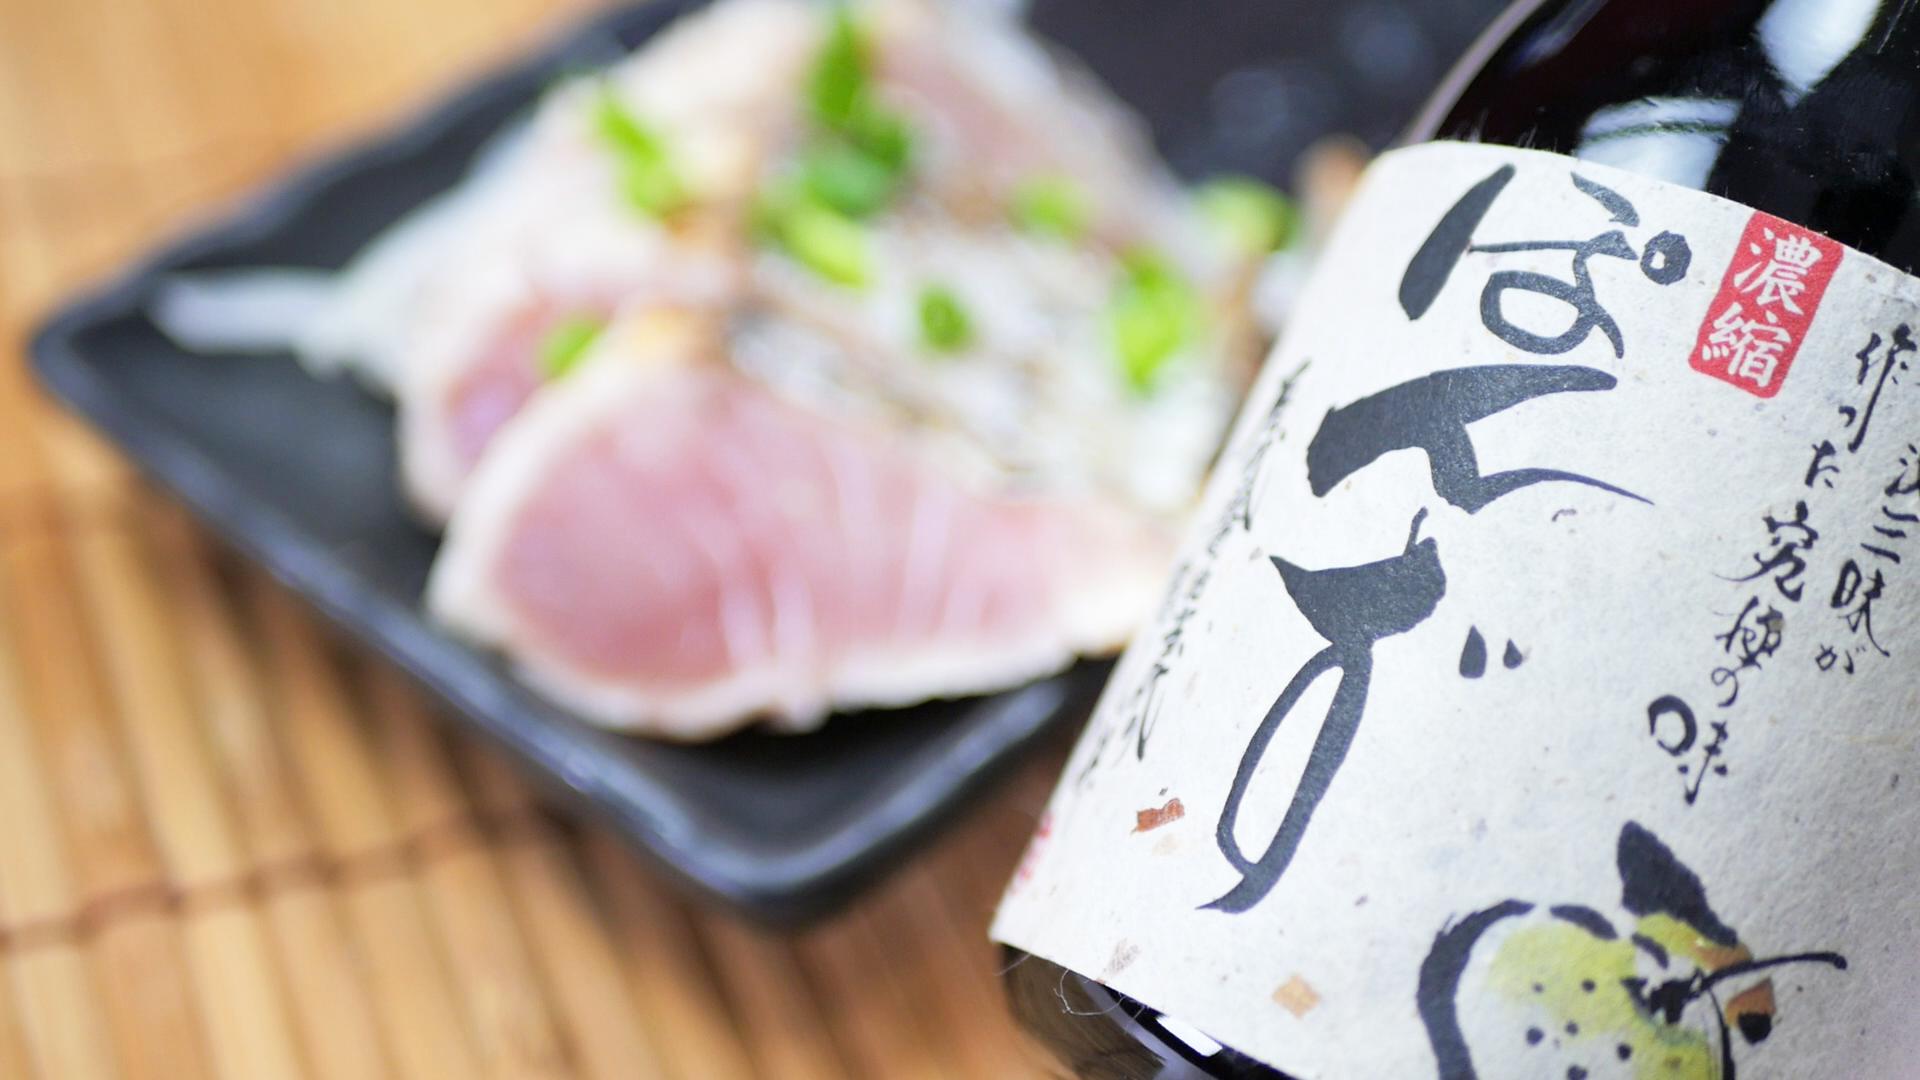 魚伝さんオススメのポン酢、スダチの香りが濃く美味しい!